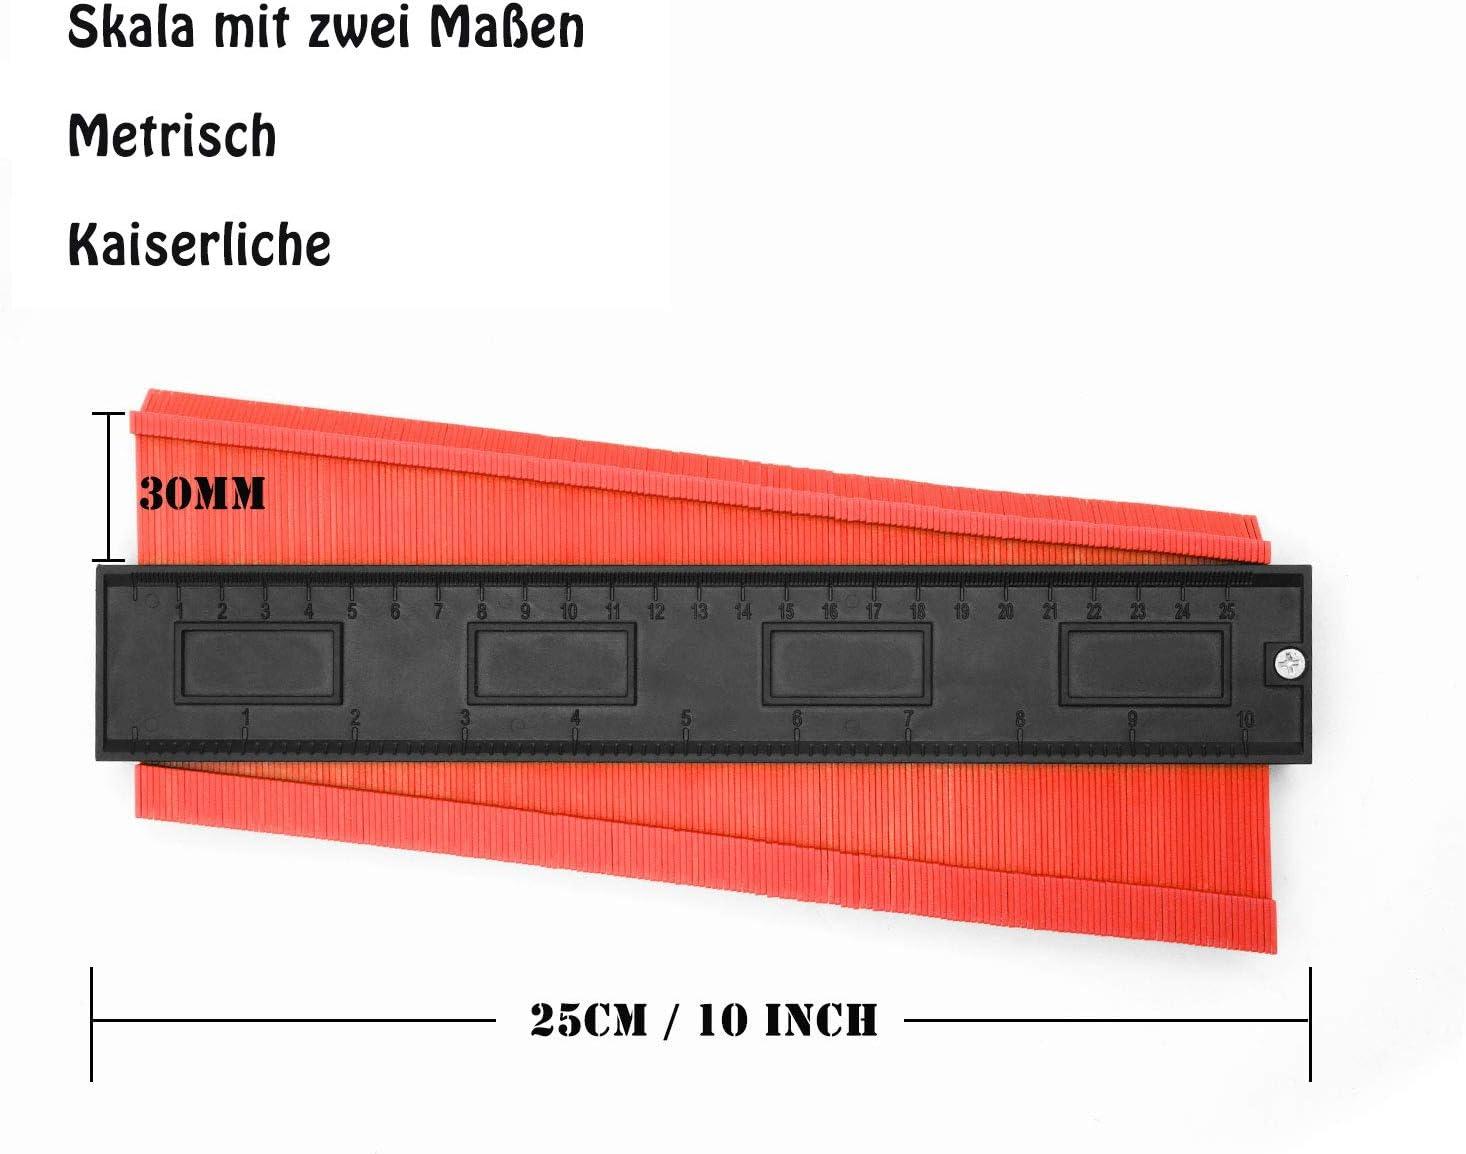 Copieur de Contour Jauge de Contour de 130mm avec ruban /à mesurer Copiez avec pr/écision les formes irr/éguli/ères pour un ajustement parfait et un outil de marquage du bois stratifi/é